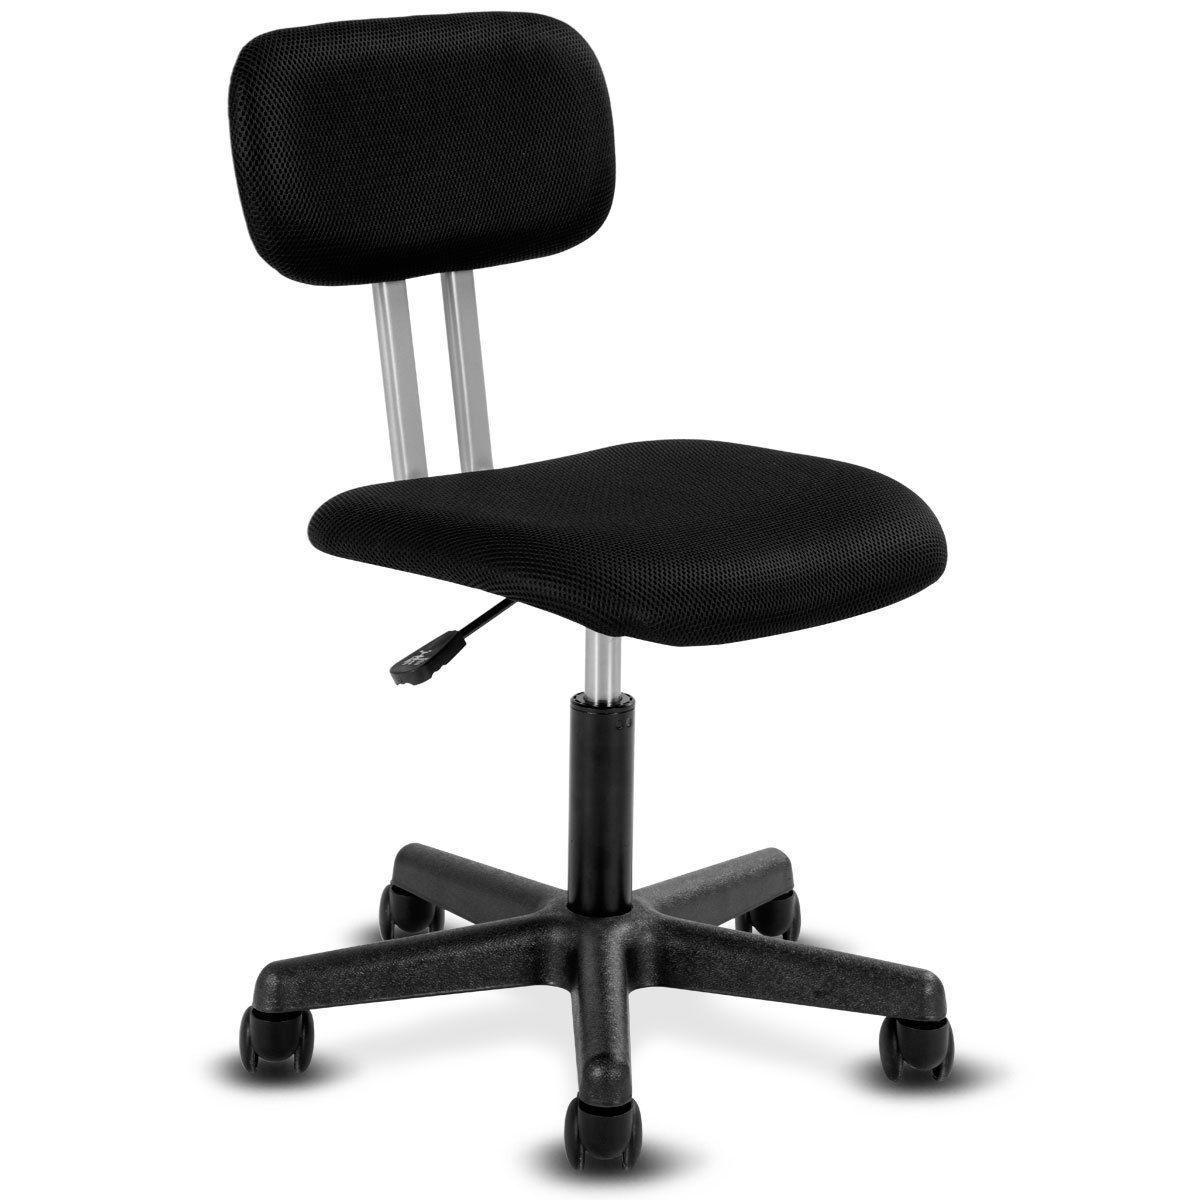 acheter fauteuil de bureau a dossier mi dos sans bras pivotant reglable en hauteur de 40 2 du huangrui668 dhgate com